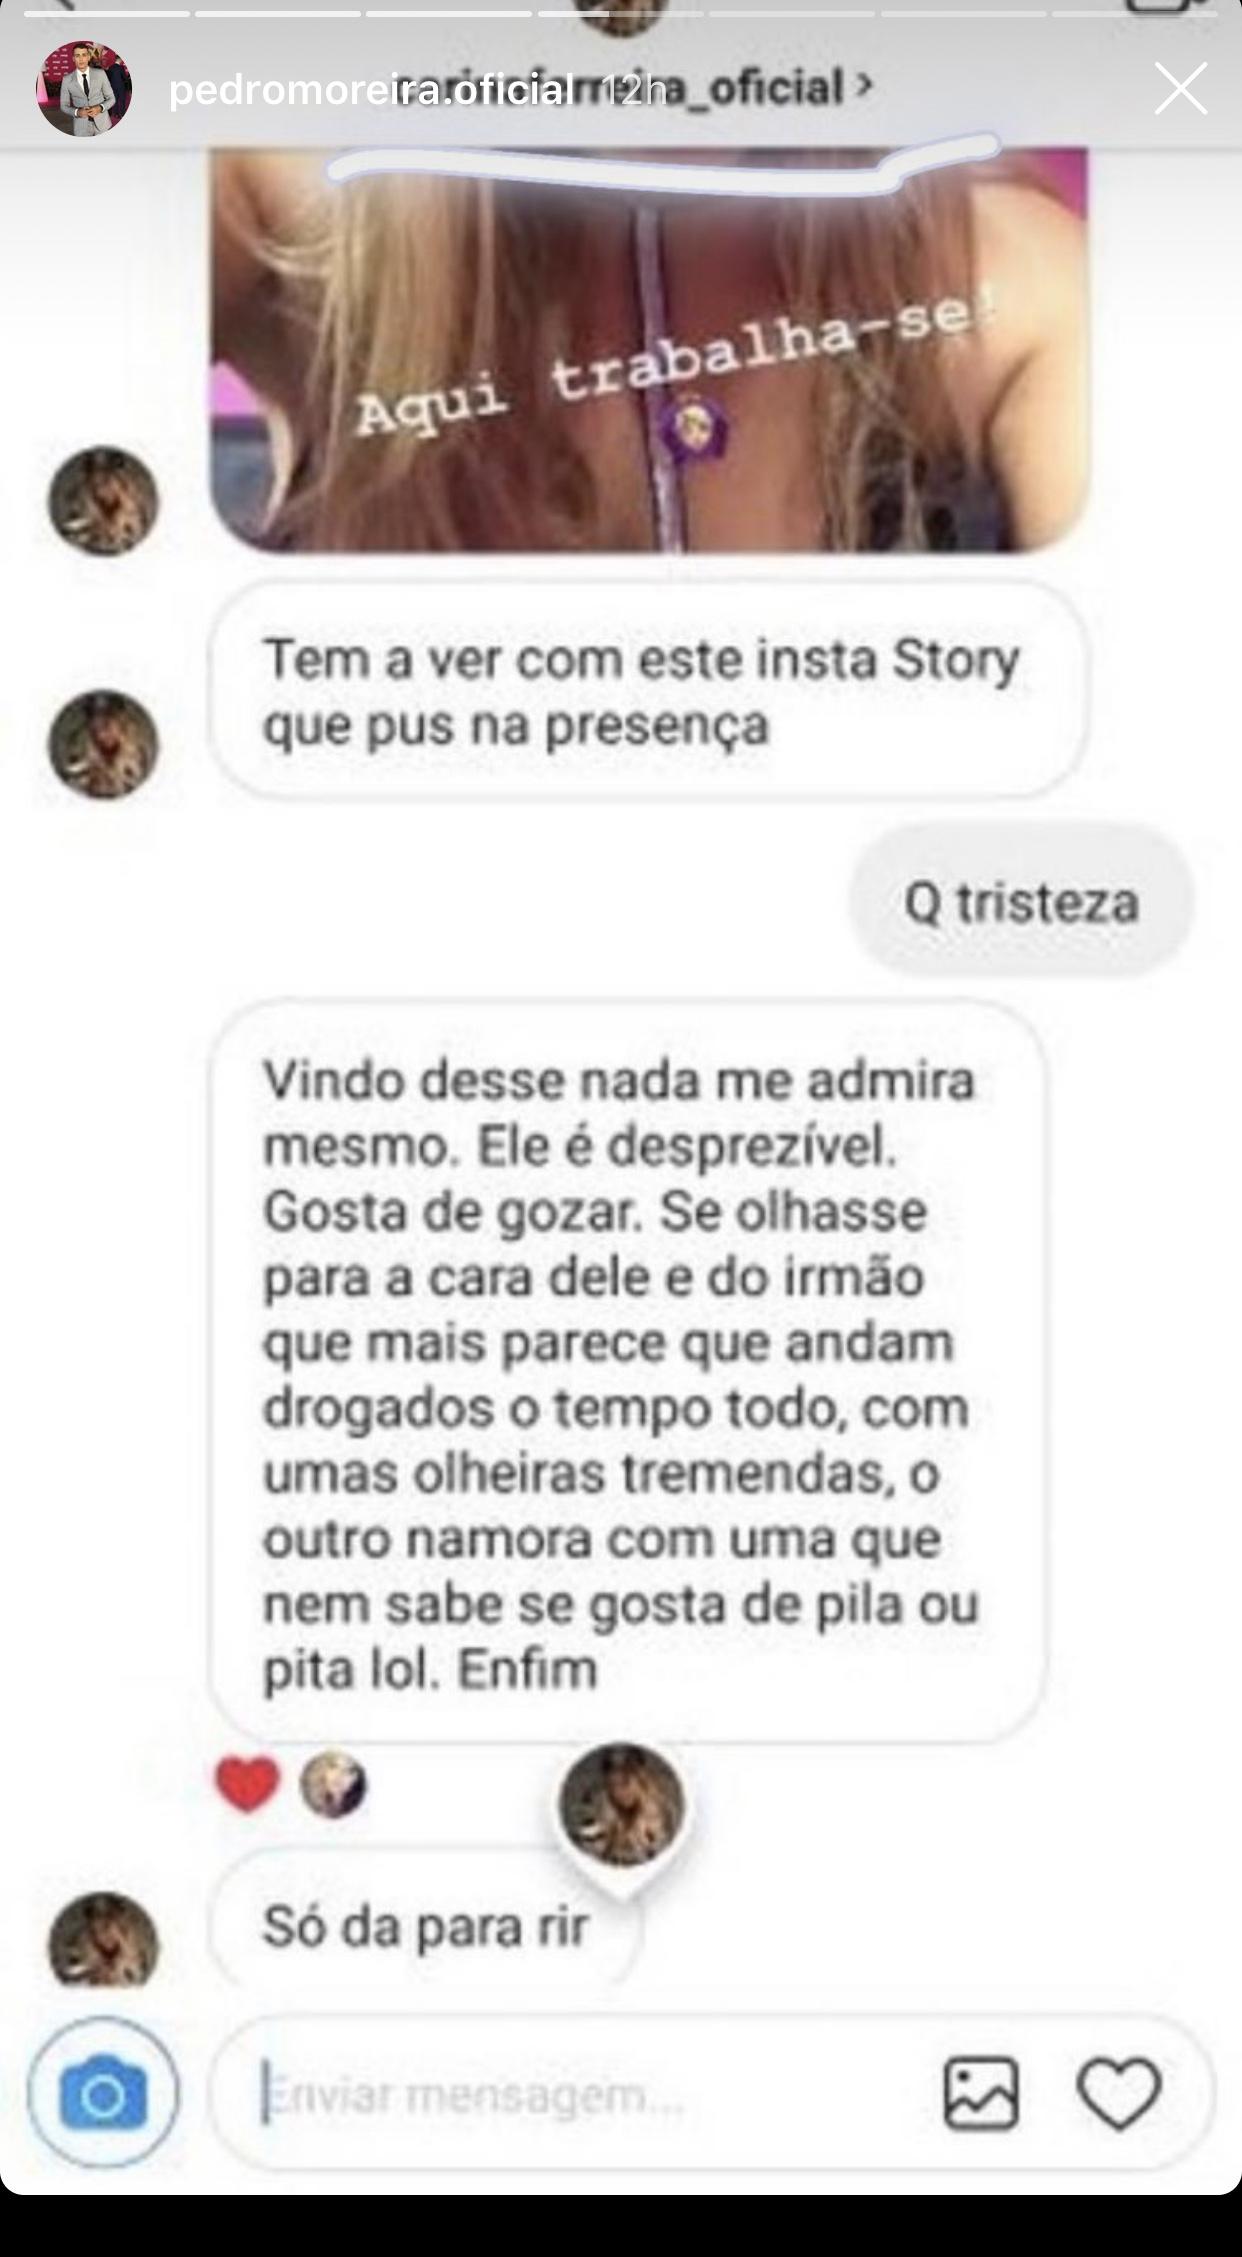 Carina Ferreira Joao Pedro Moreira Casa Dos Segredos Insultos 1 Carina Ferreira E Pedro Moreira Trocam Várias Acusações